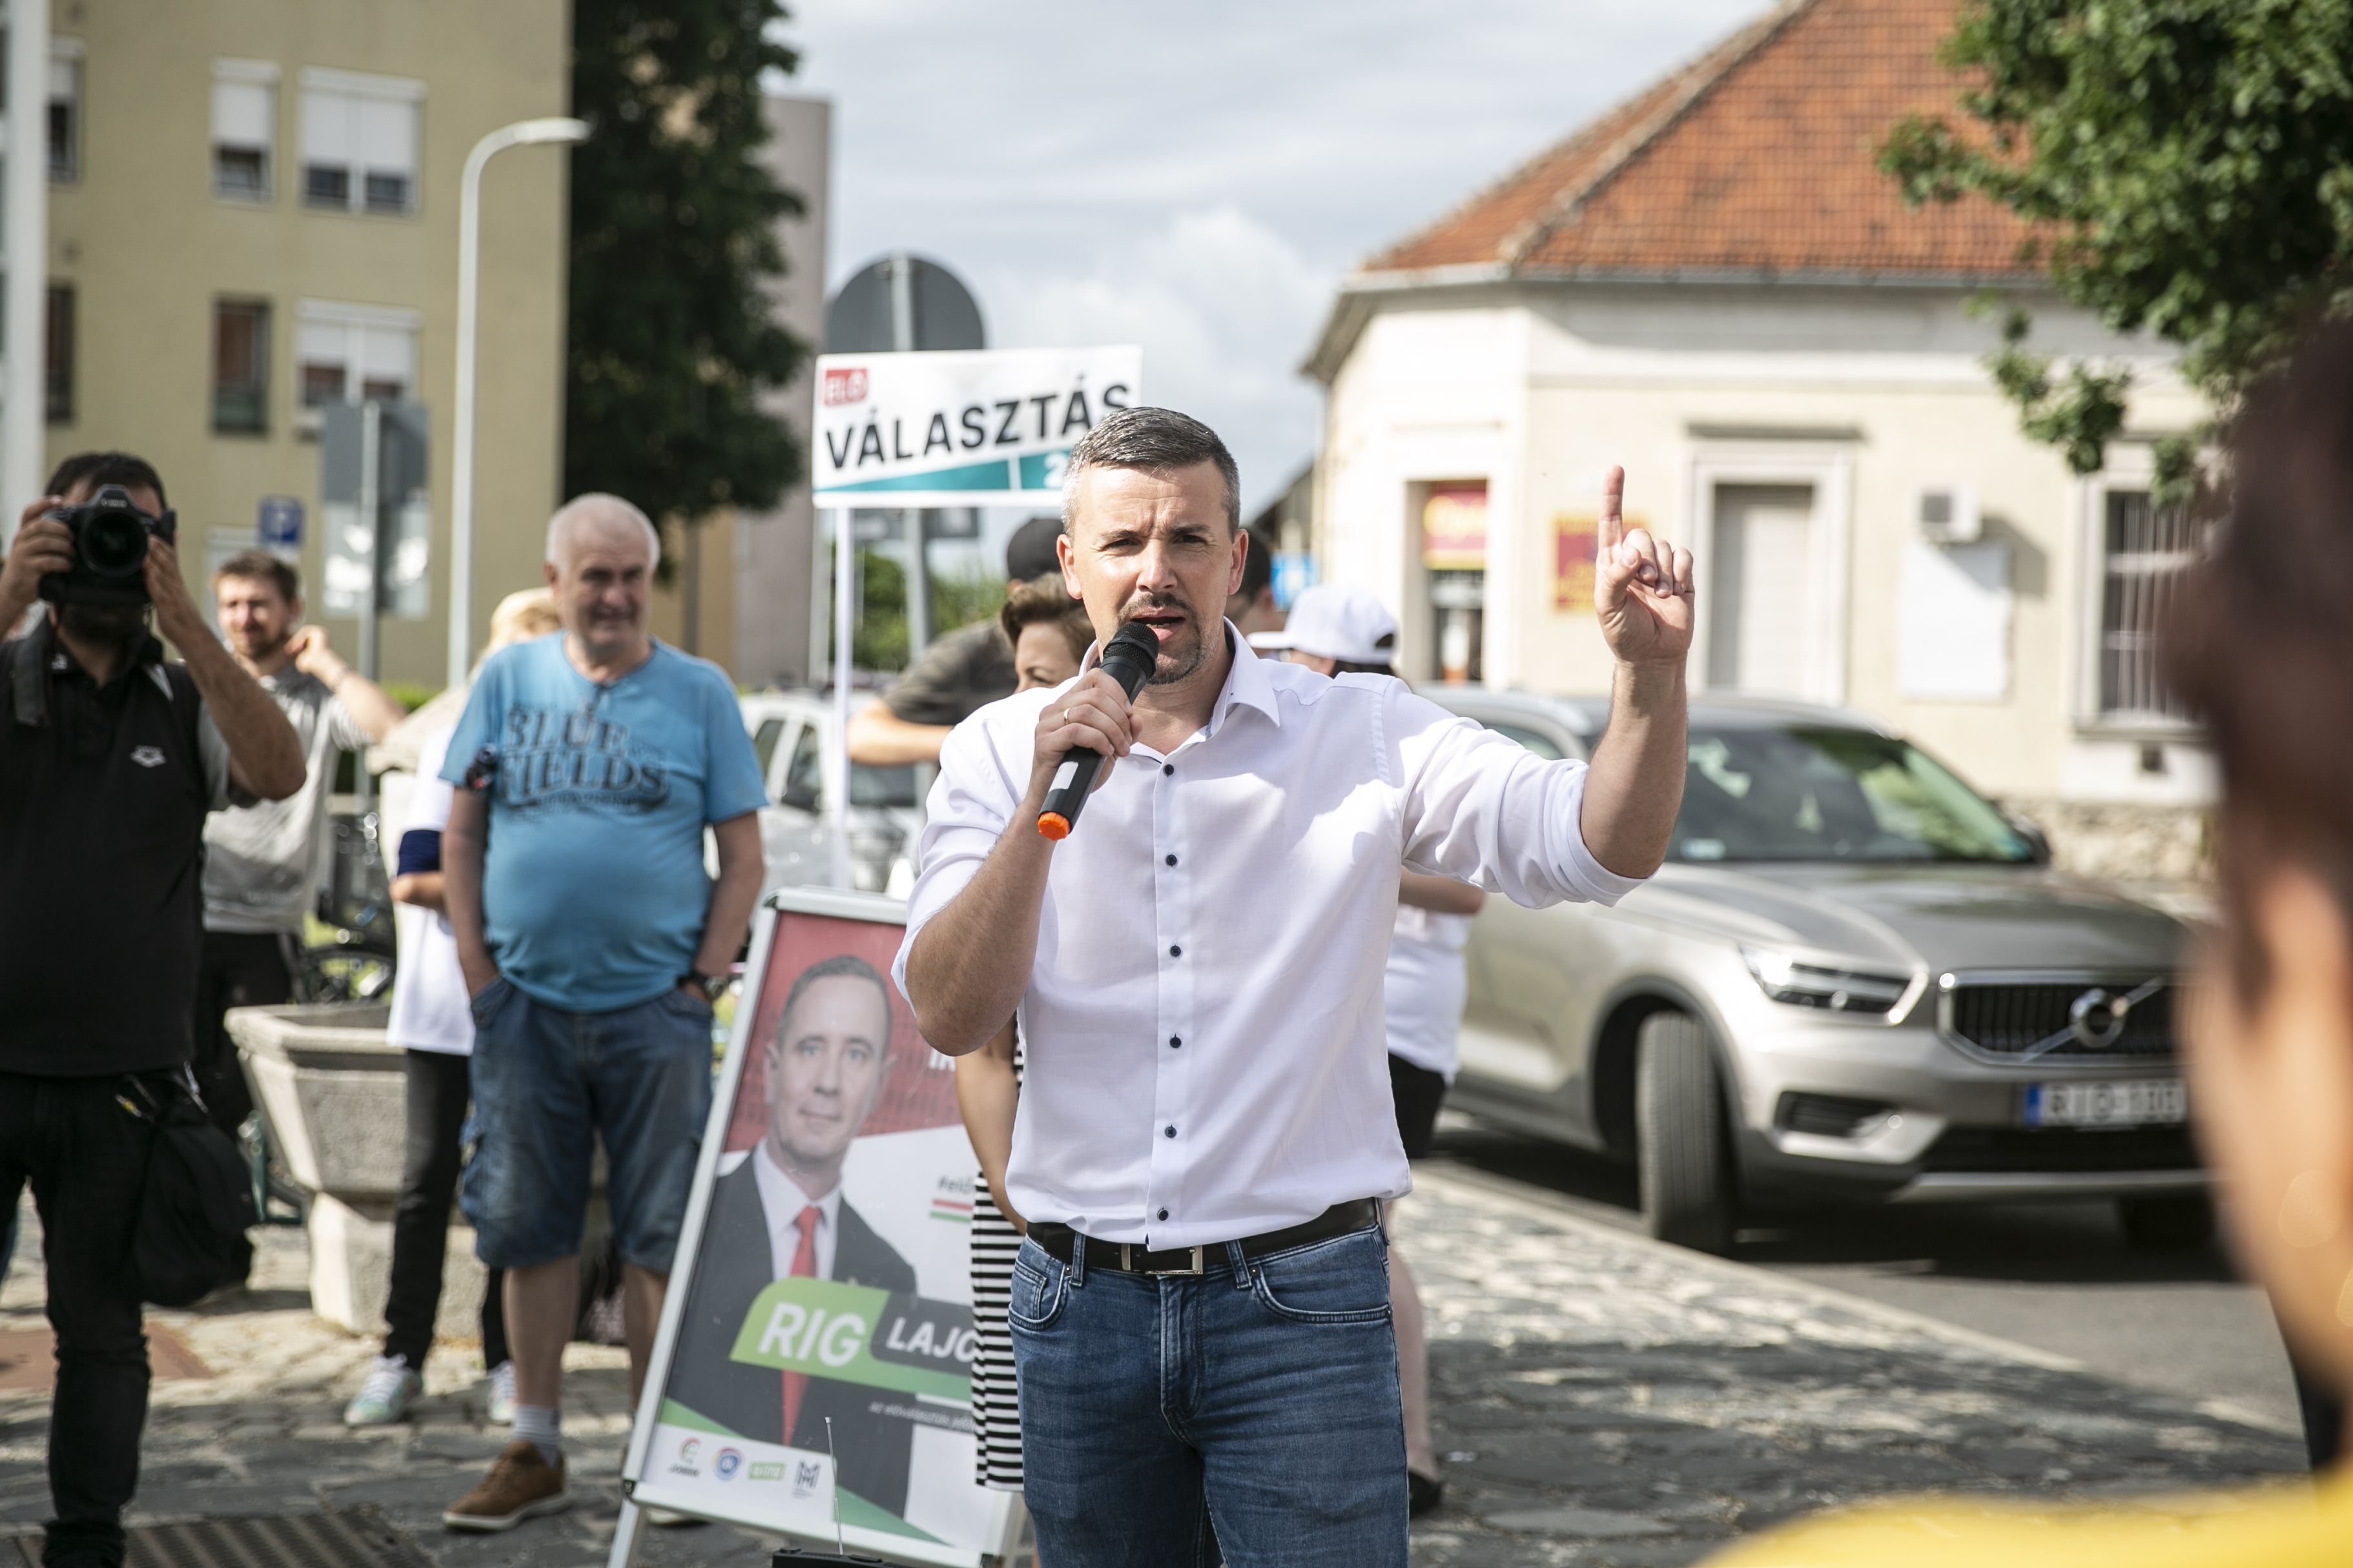 """""""Amikor egy rezsimmel küzdünk, nincs helye finomkodásnak"""" - Így kampányol Jakab Péter"""